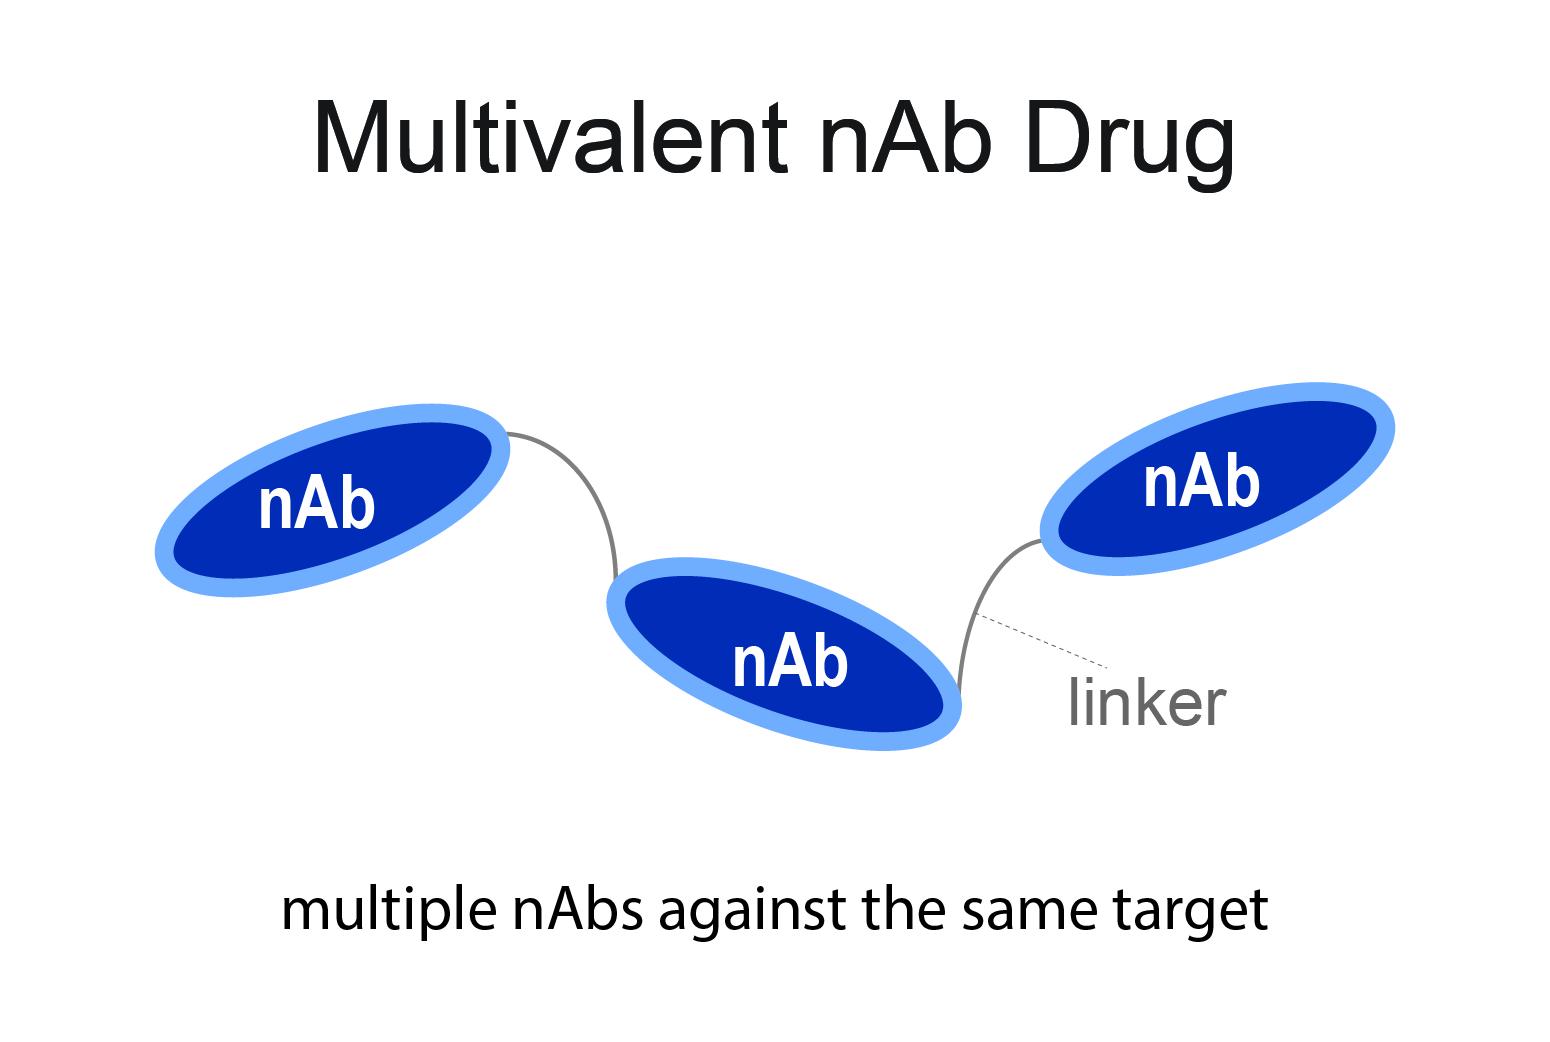 multivalent nAb drug